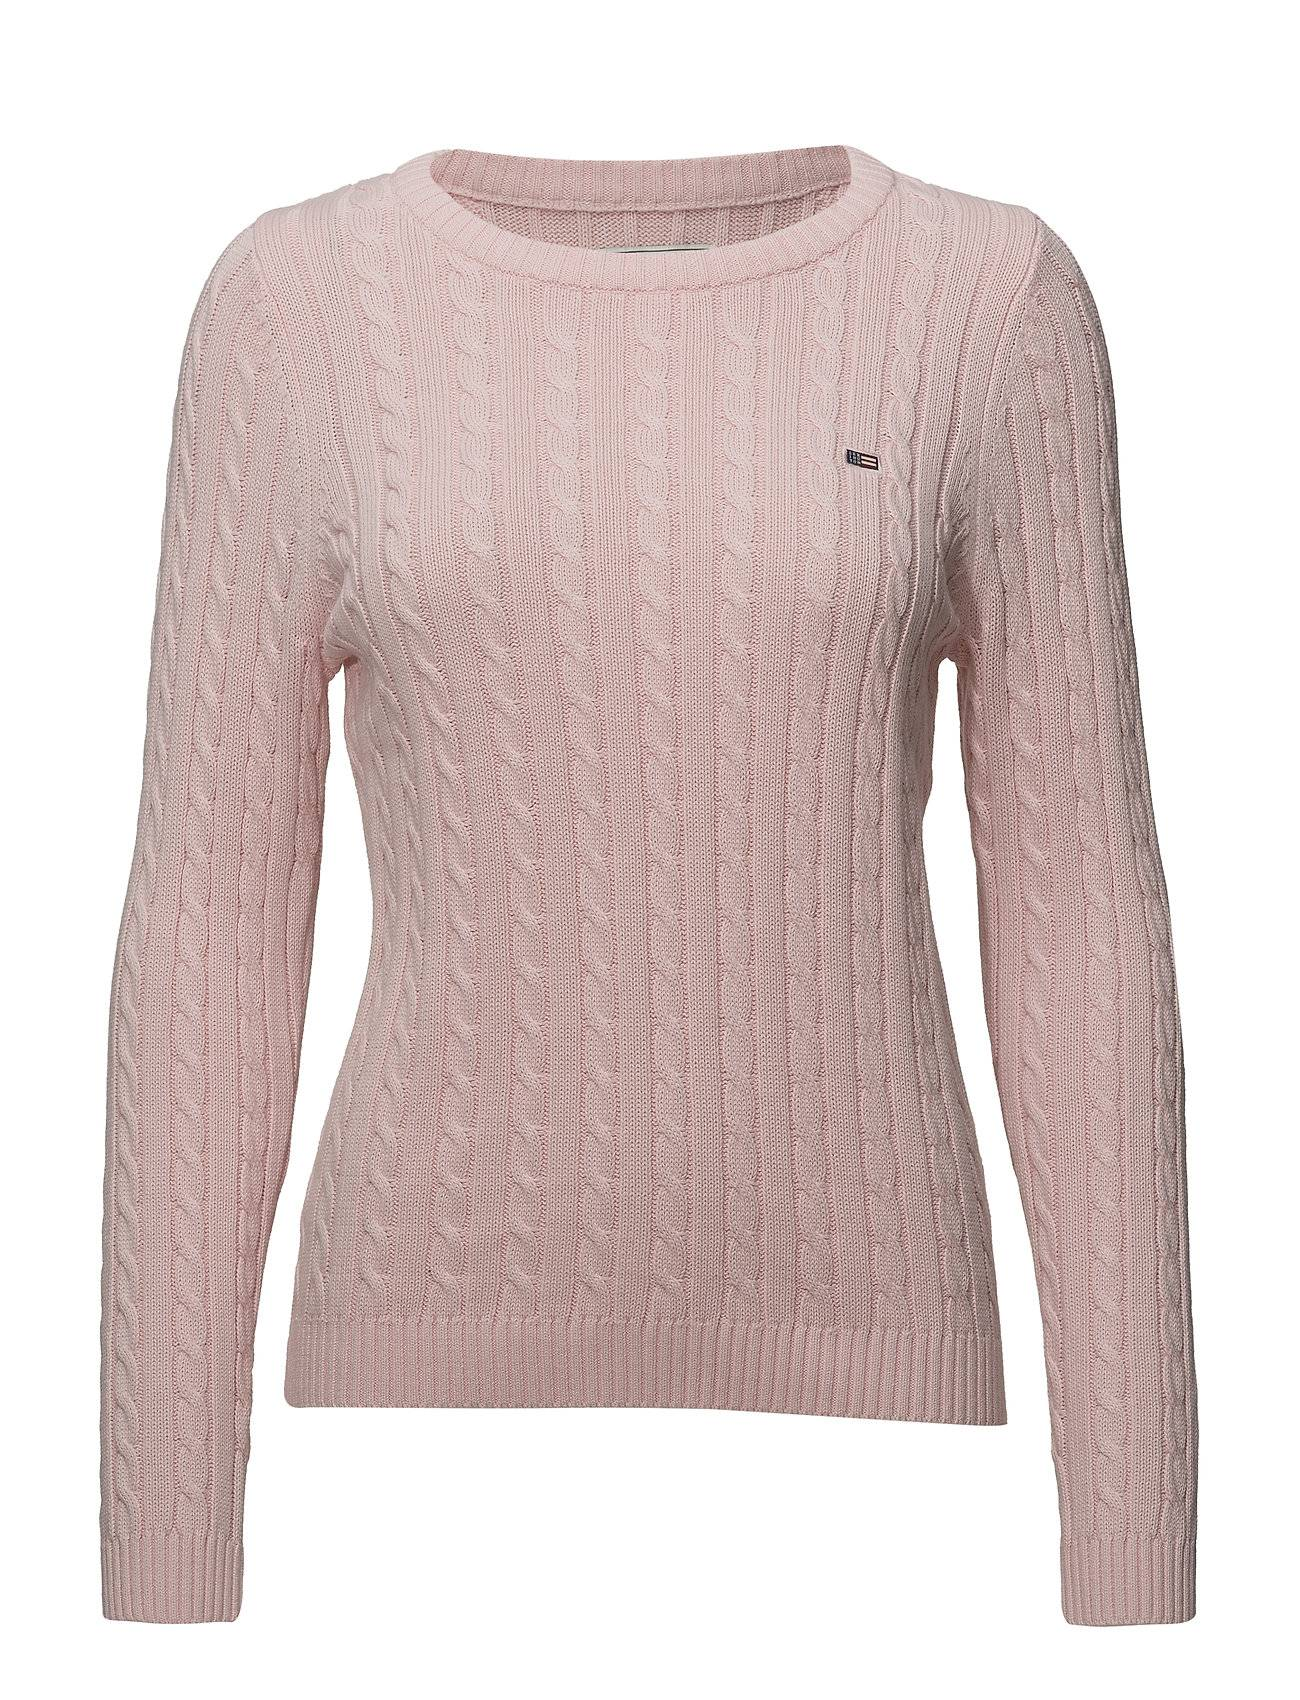 Lexington Clothing Felizia Cable Sweater